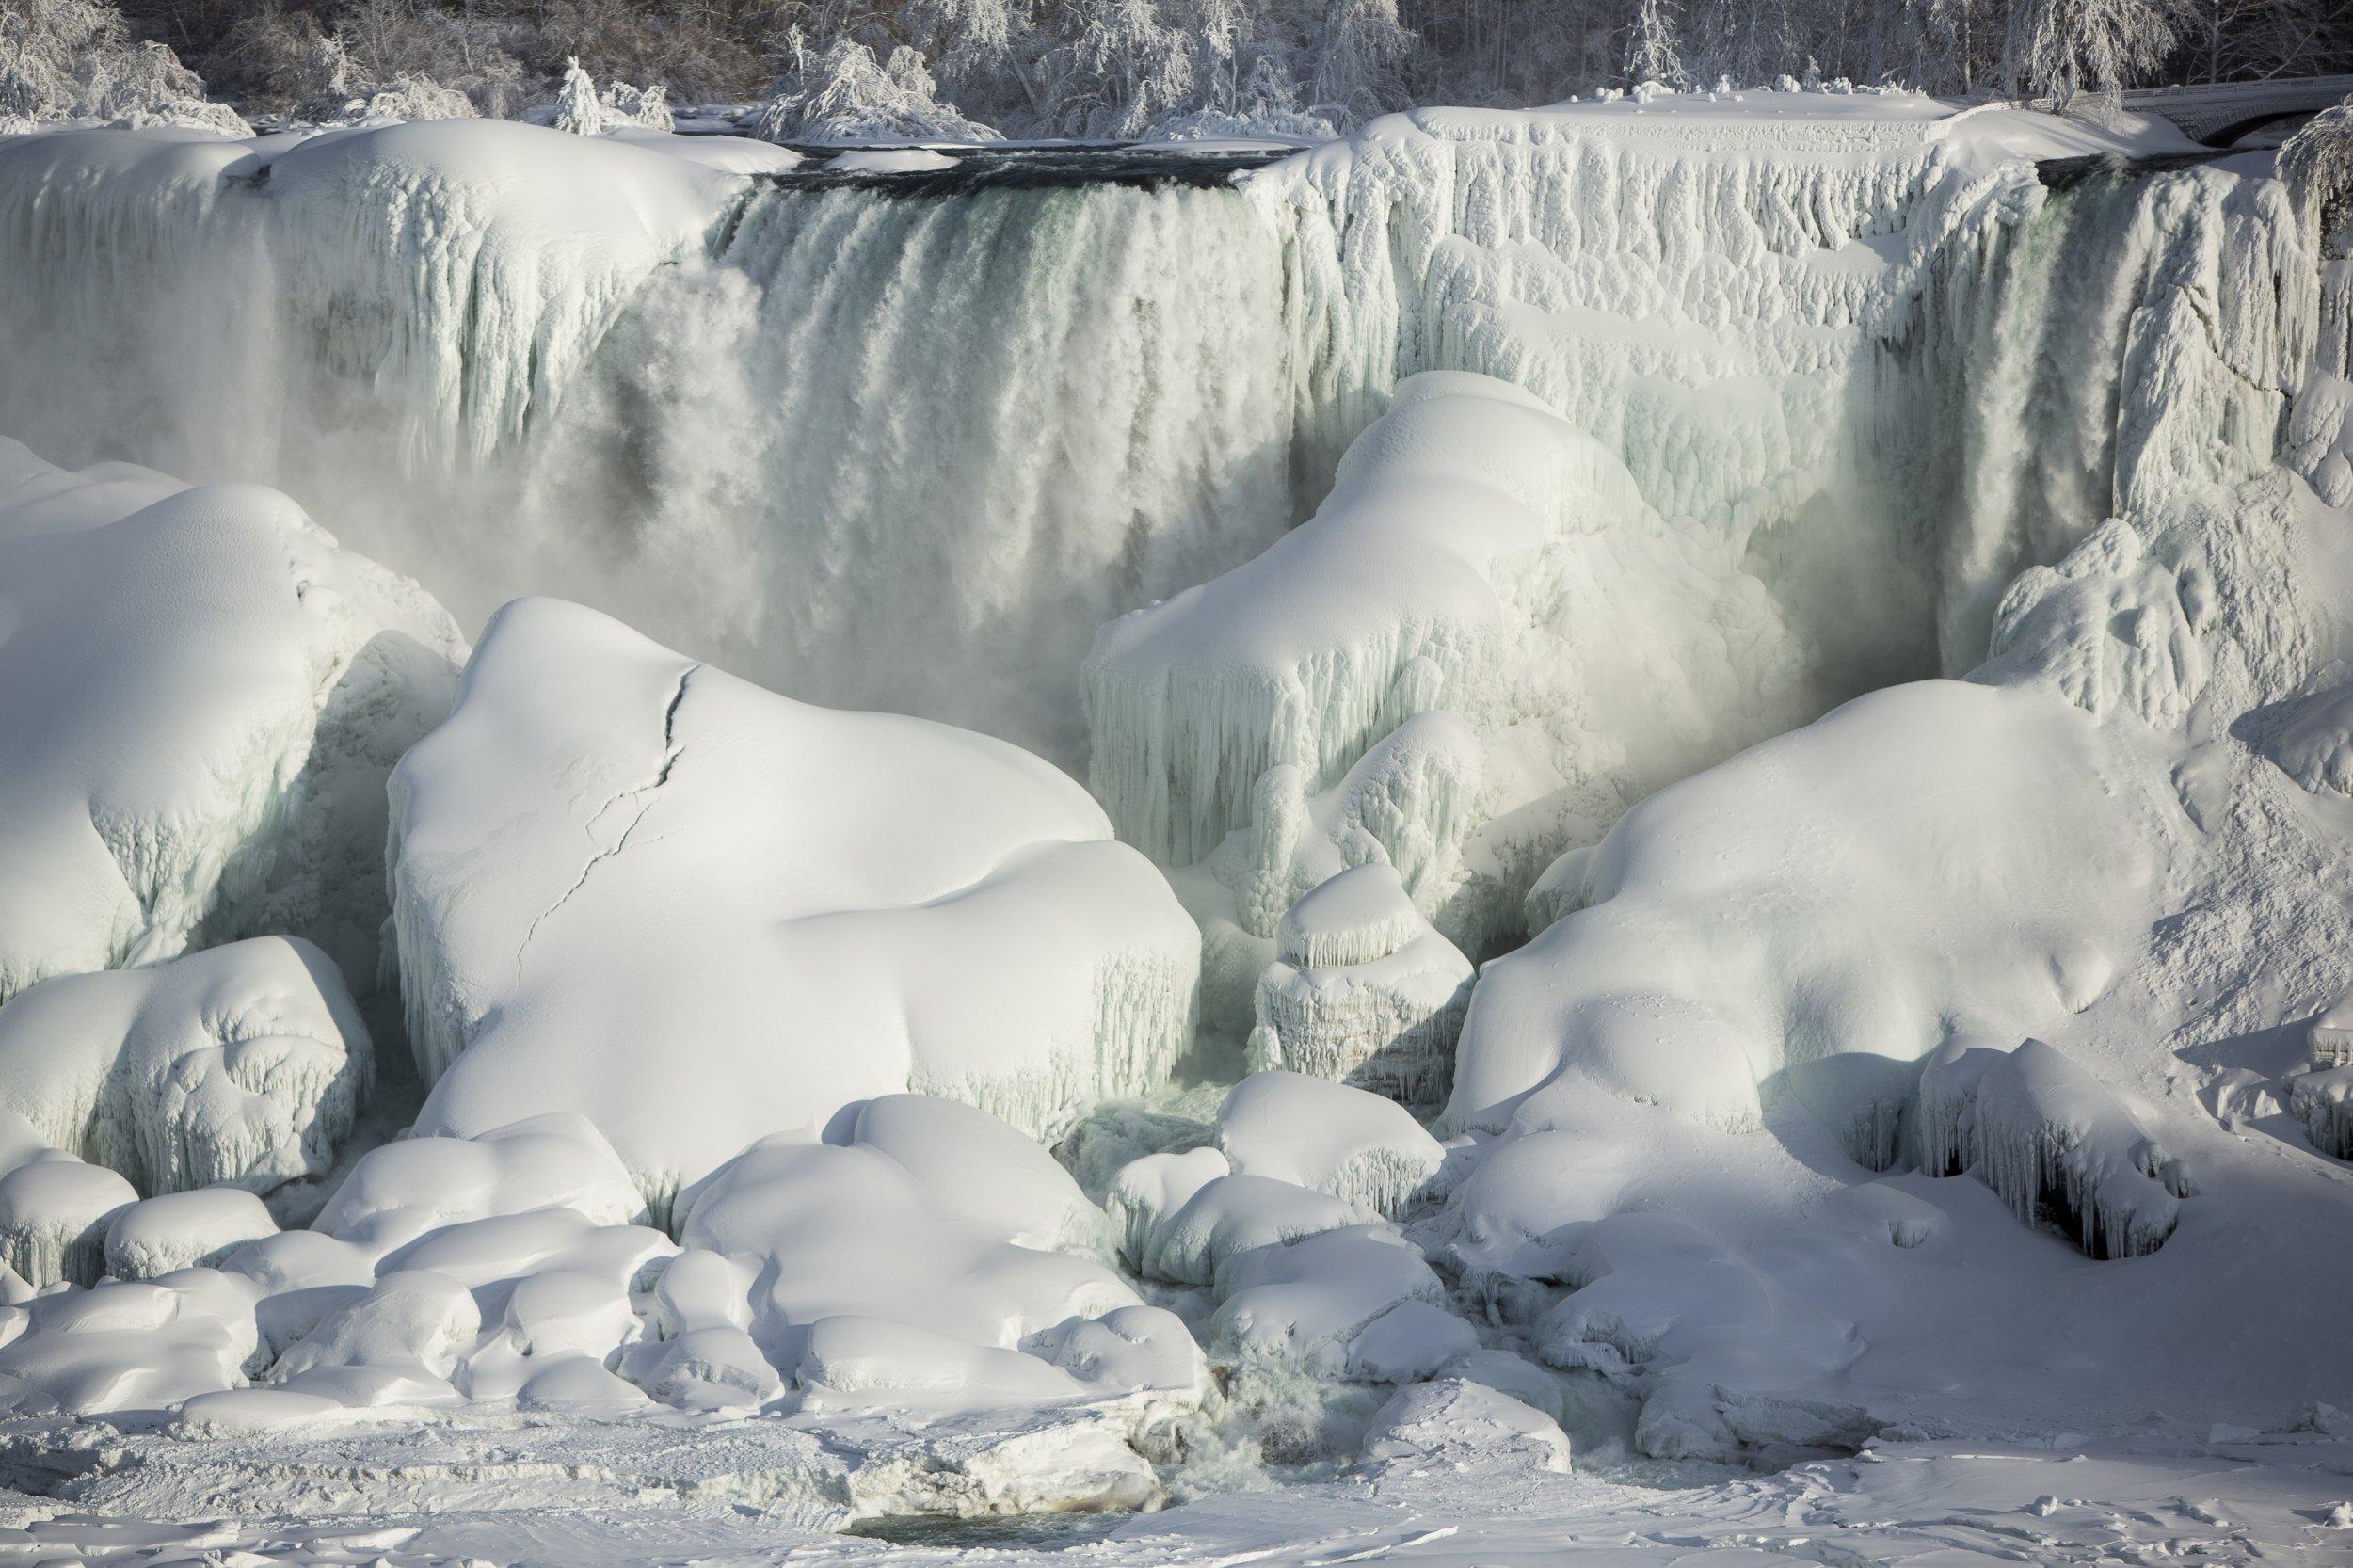 niagara falls snow photos  the waterfalls have frozen over